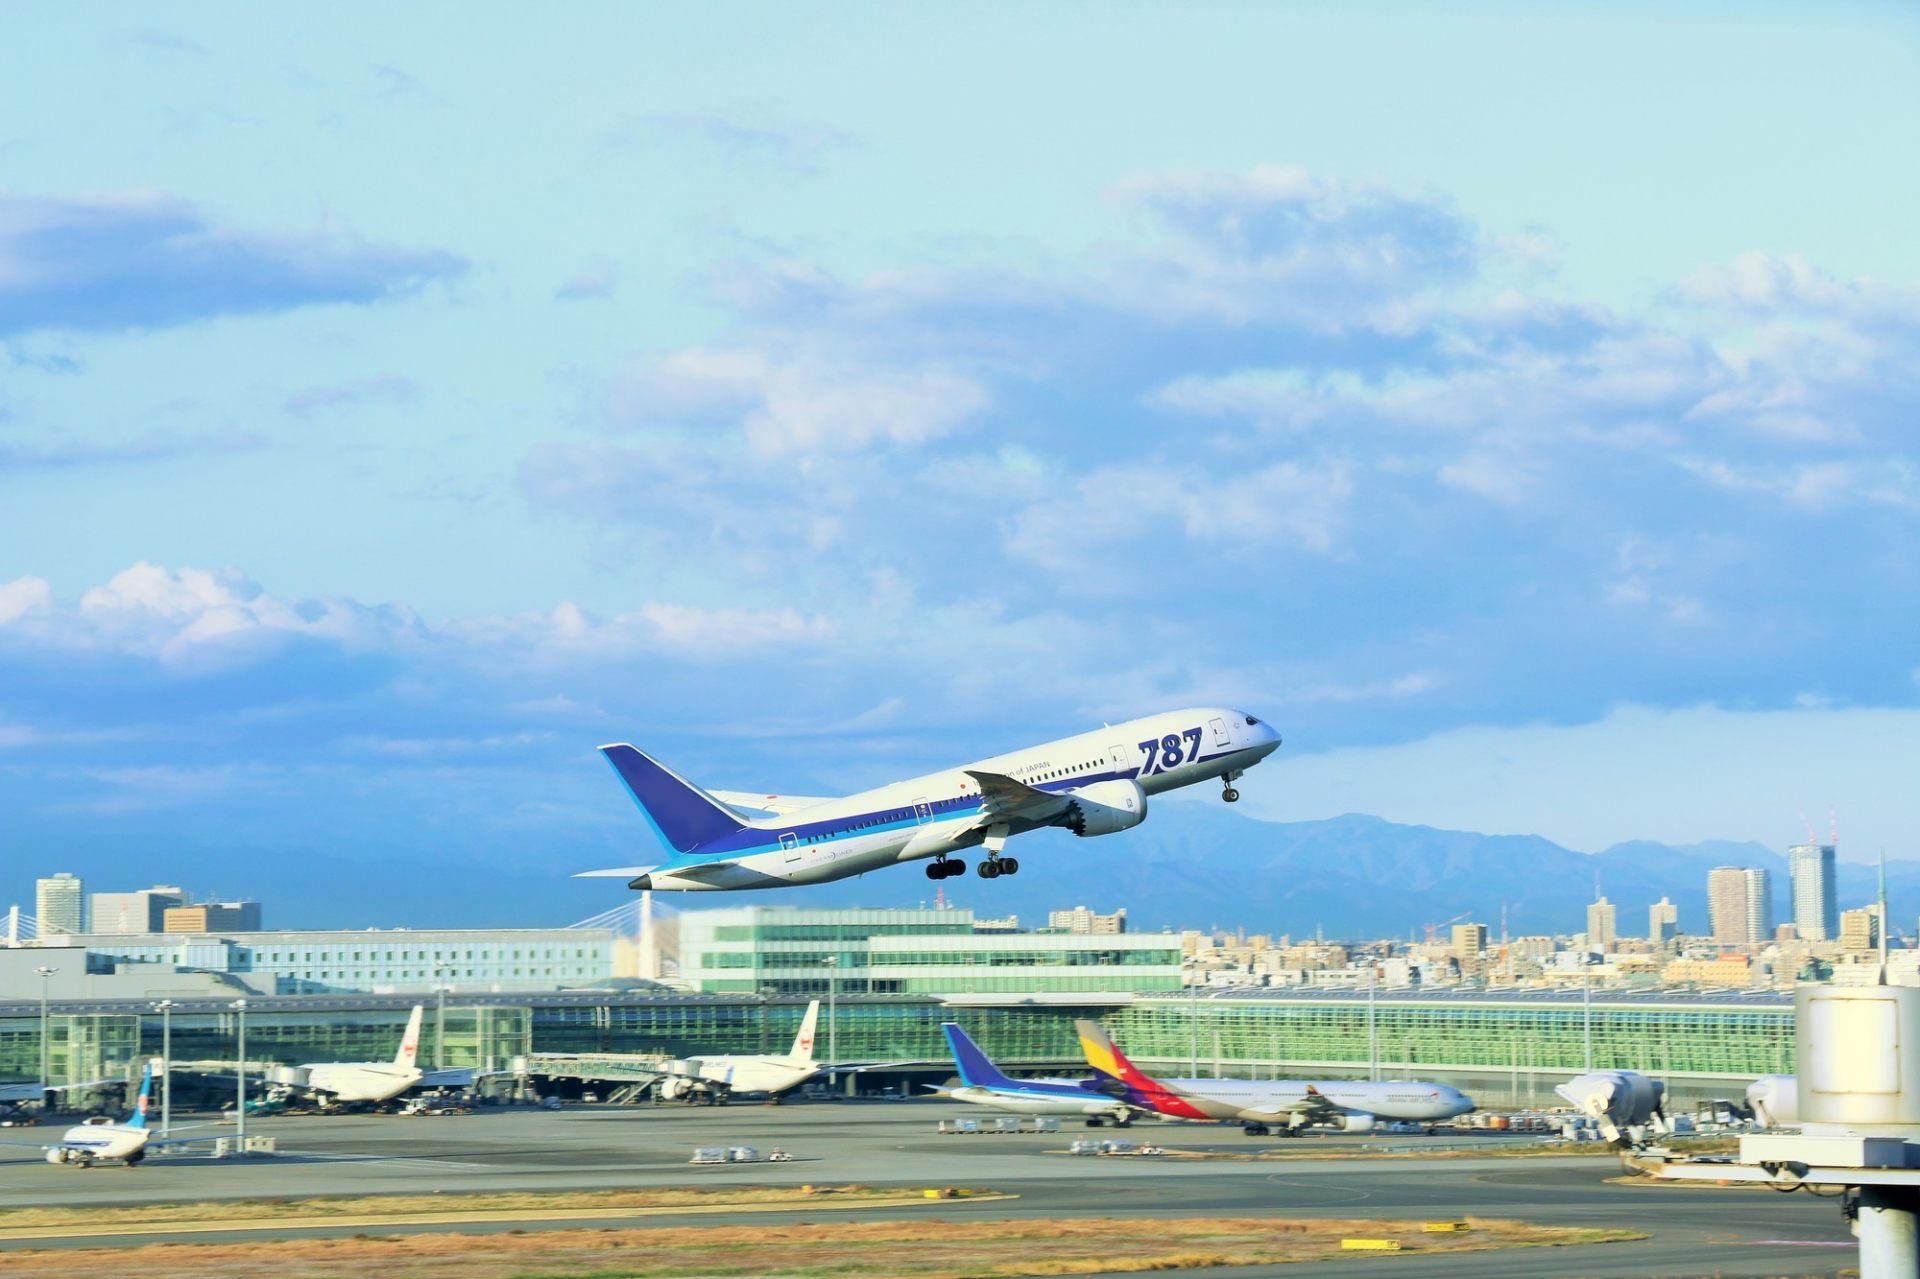 Haneda Airport, near metropolitan Tokyo